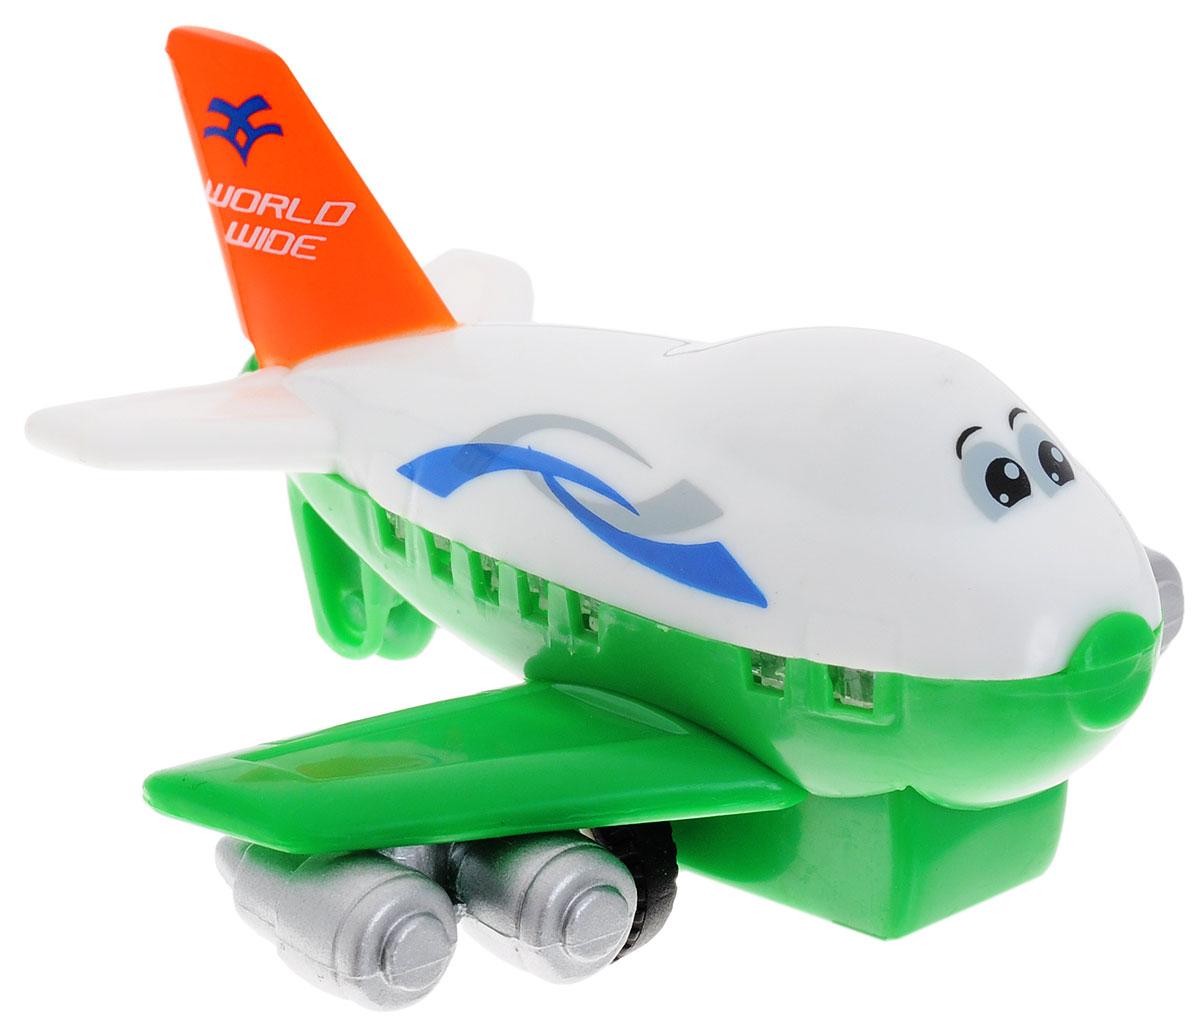 Dickie Toys Веселый самолет инерционный цвет белый зеленый3345475Забавный самолет Dickie Toys Funny Plane привлечет внимание вашего малыша и не позволит ему скучать! Выполненная из безопасного пластика, игрушка представляет собой самолетик с глазками. Округлые без острых углов формы гарантируют безопасность даже самым маленьким. Игрушка оснащена инерционным ходом. Самолетик необходимо отвести назад, затем отпустить - и она быстро поедет вперед. Самолет Dickie Toys Funny Plane поможет ребенку в развитии воображения, мелкой моторики рук, концентрации внимания и цветового восприятия.